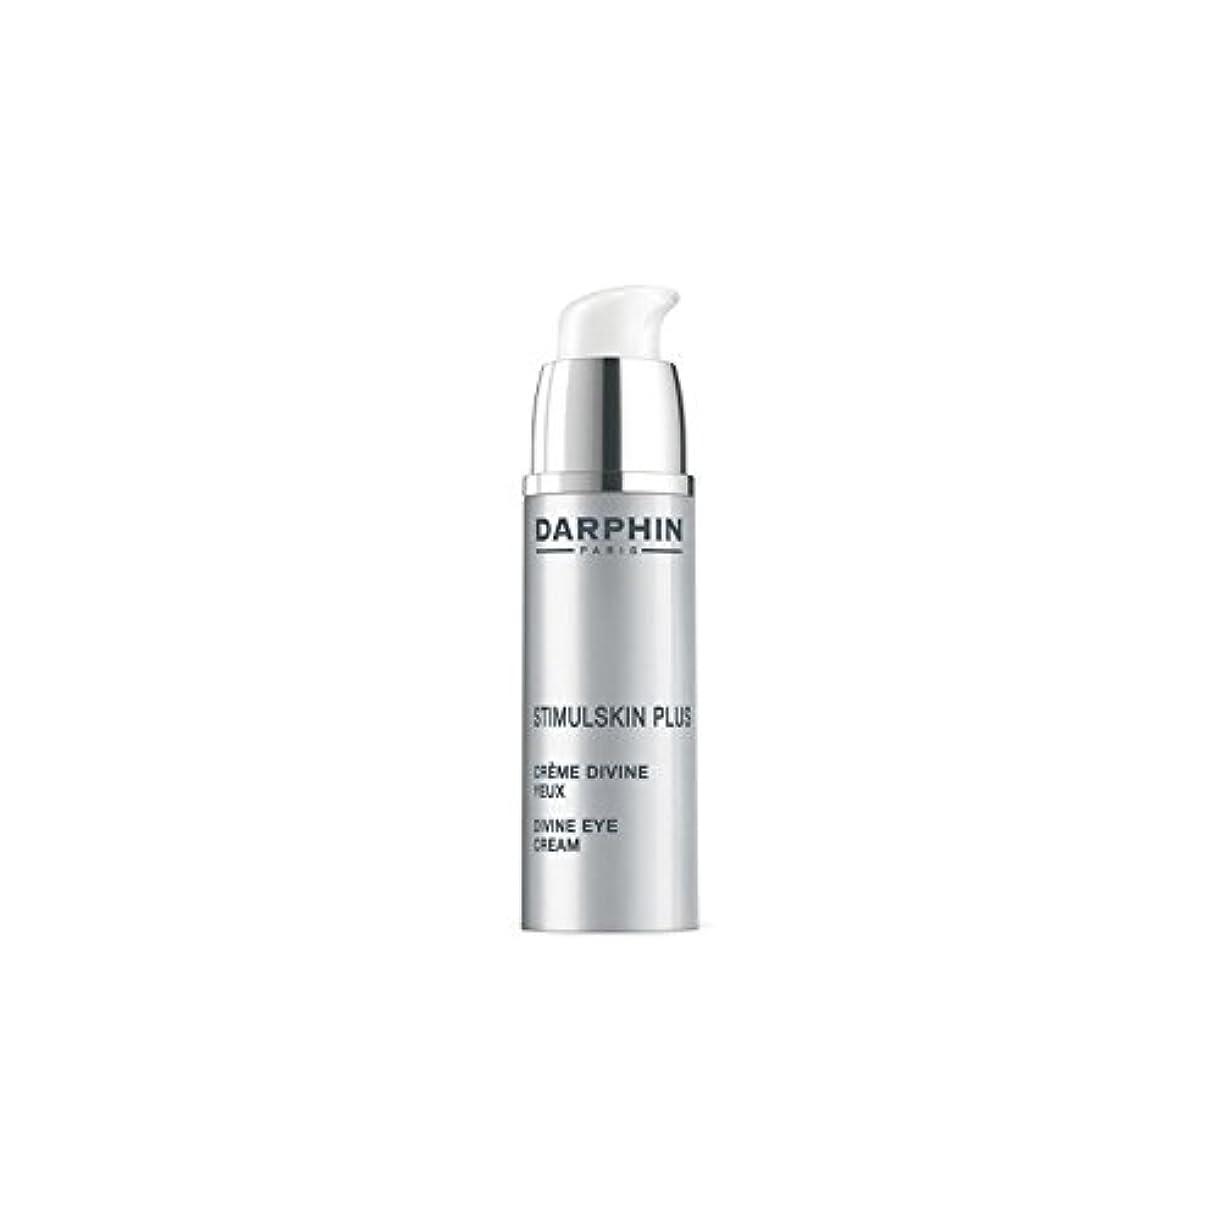 放射性労働者予防接種するDarphin Stimulskin Plus Divine Illuminating Eye Cream (15ml) (Pack of 6) - ダルファンスティプラス神の照明アイクリーム(15ミリリットル) x6 [並行輸入品]